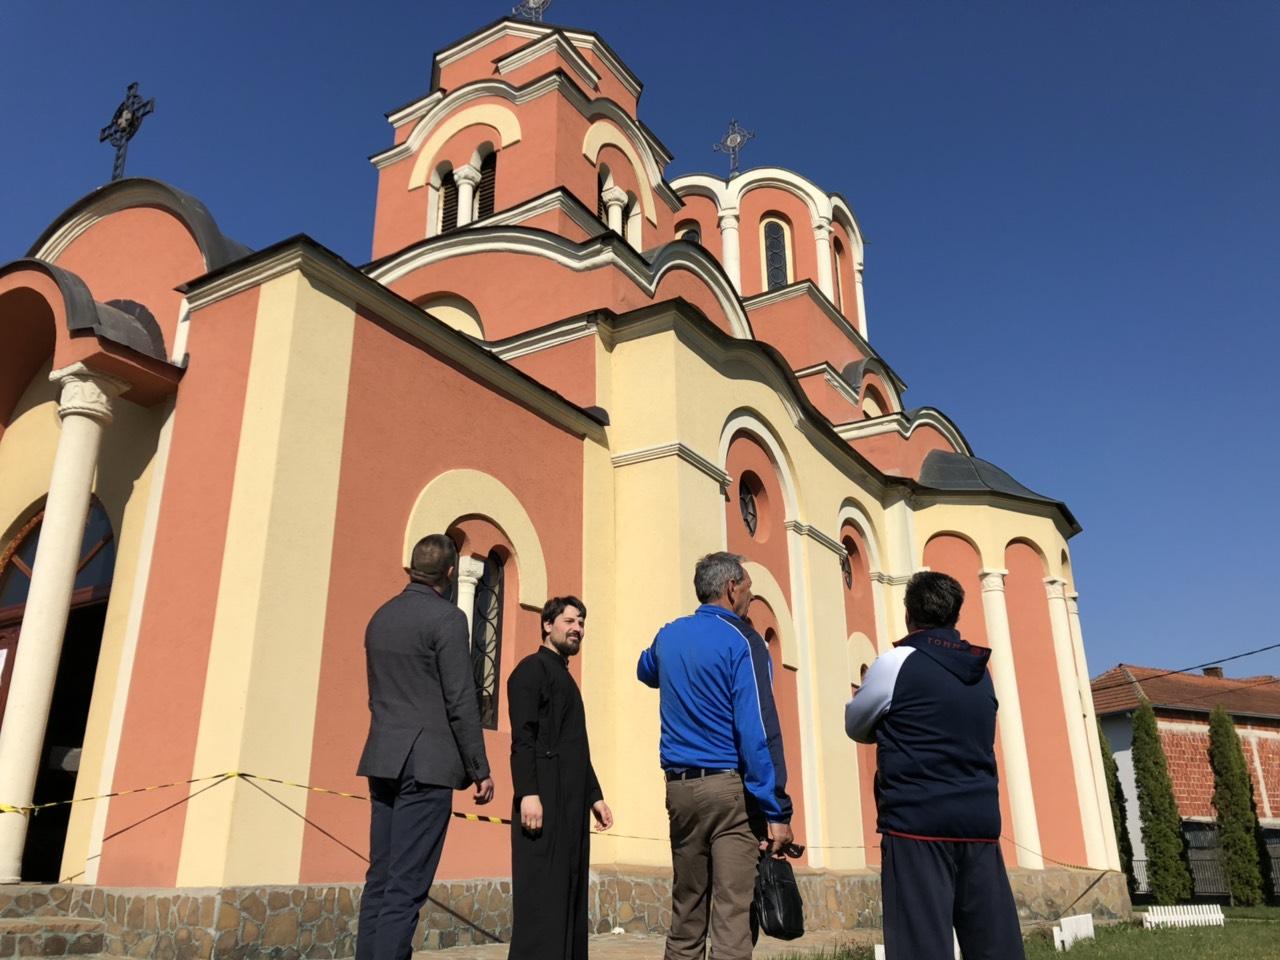 Poseta crkvi, foto: D. Miladinović